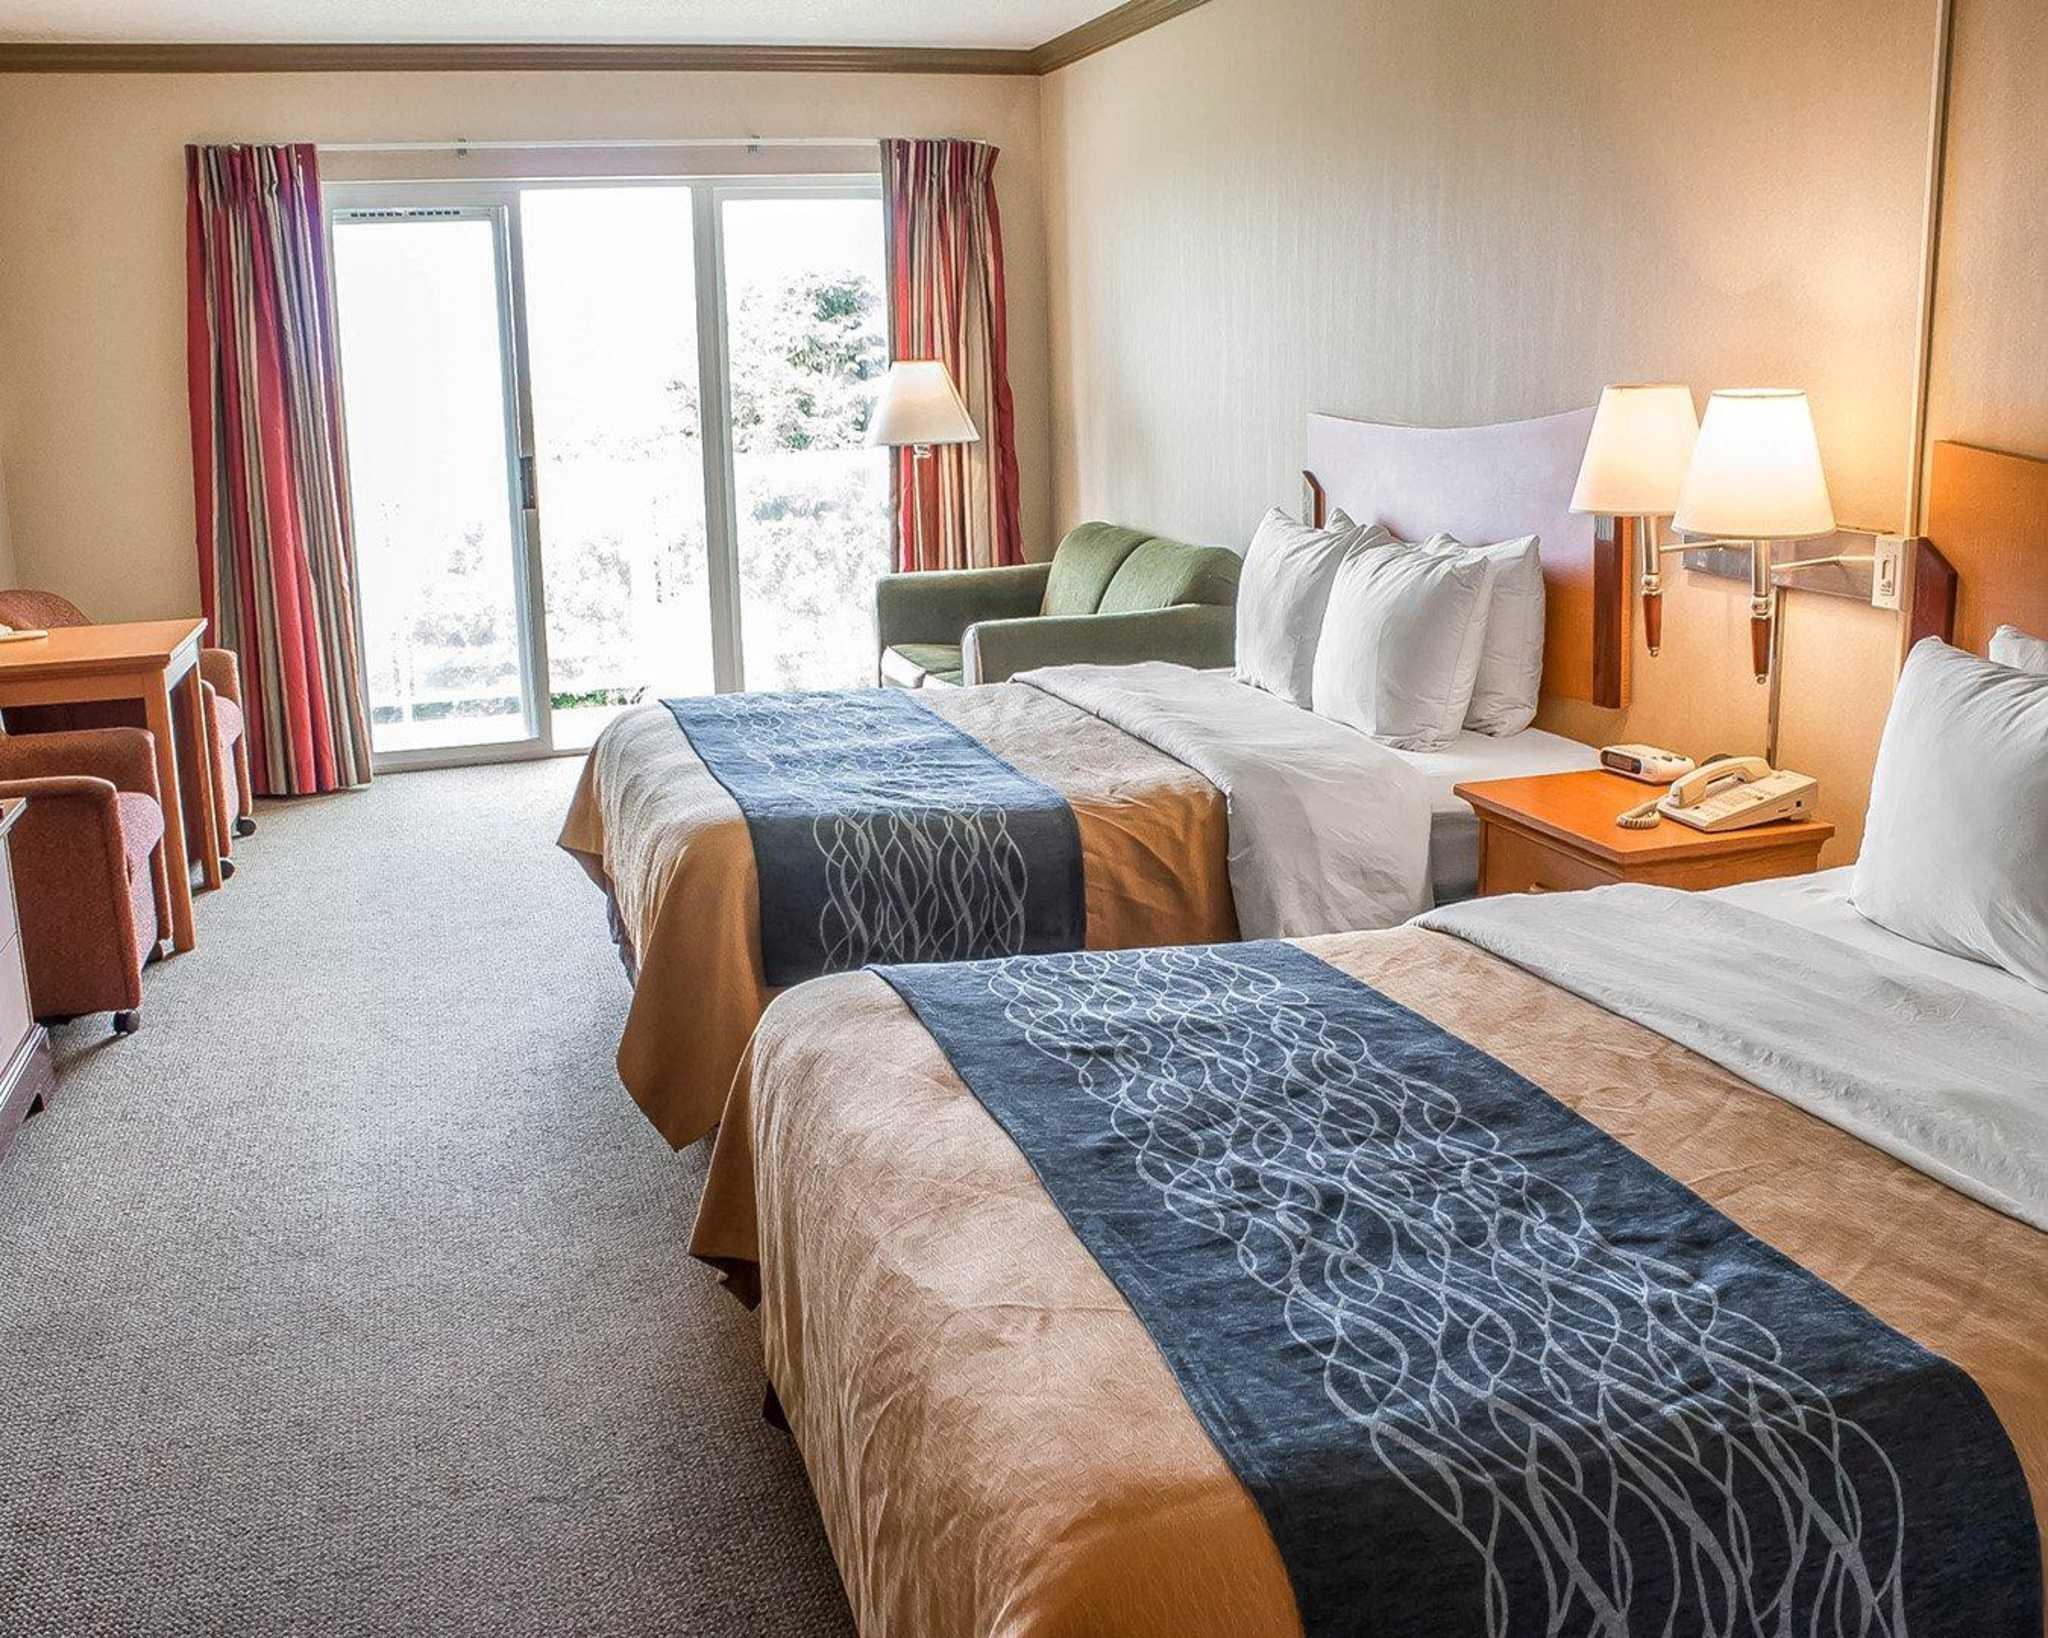 Comfort Inn Amp Suites Coupons Ocean Shores Wa Near Me